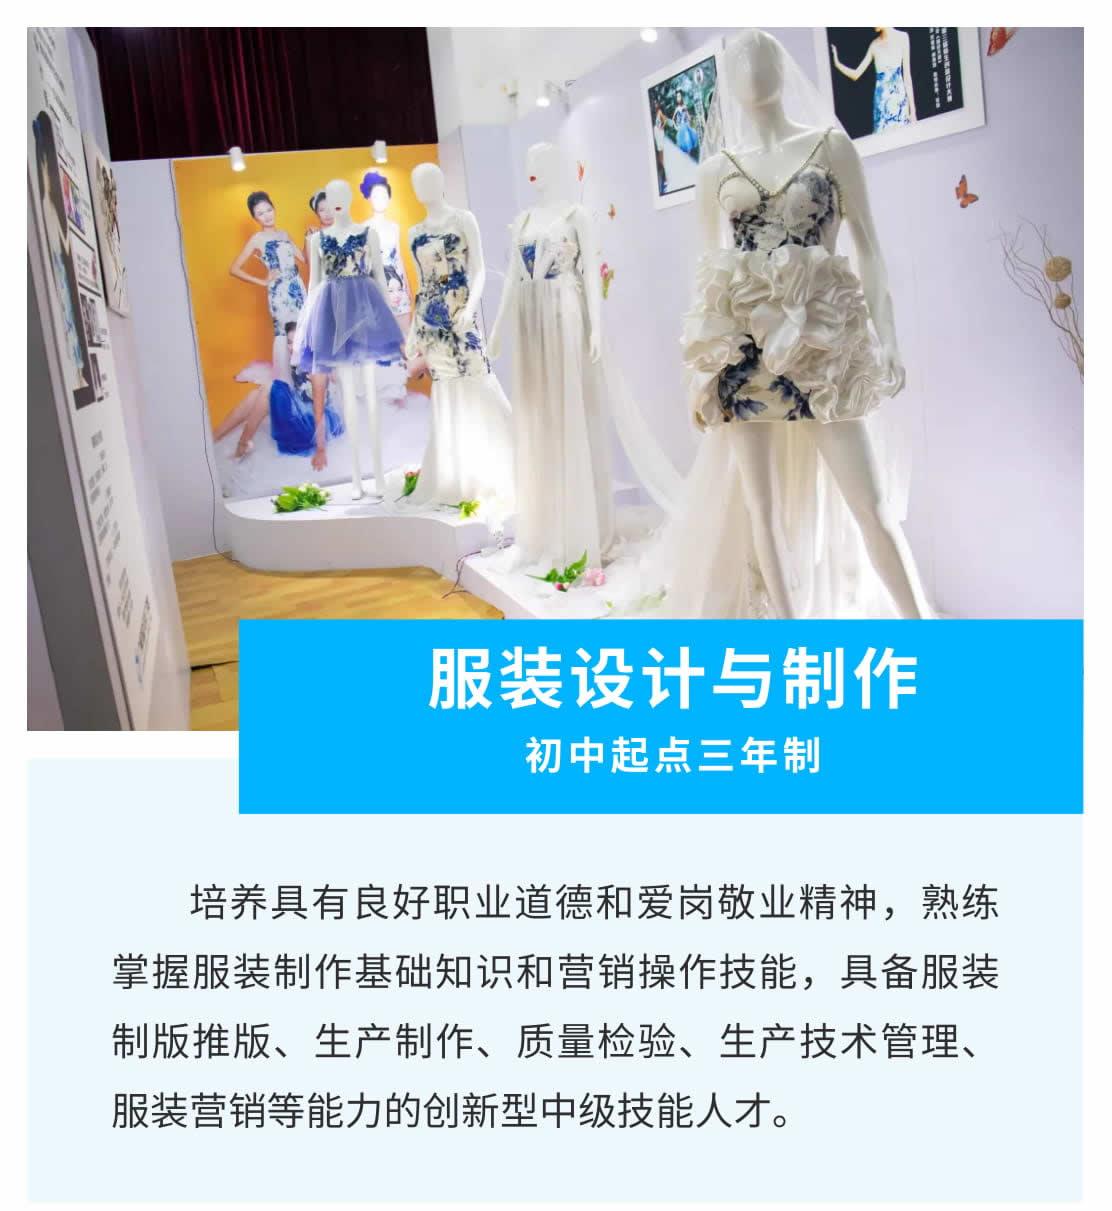 服装设计与制作(初中起点三年制)-1_r1_c1.jpg